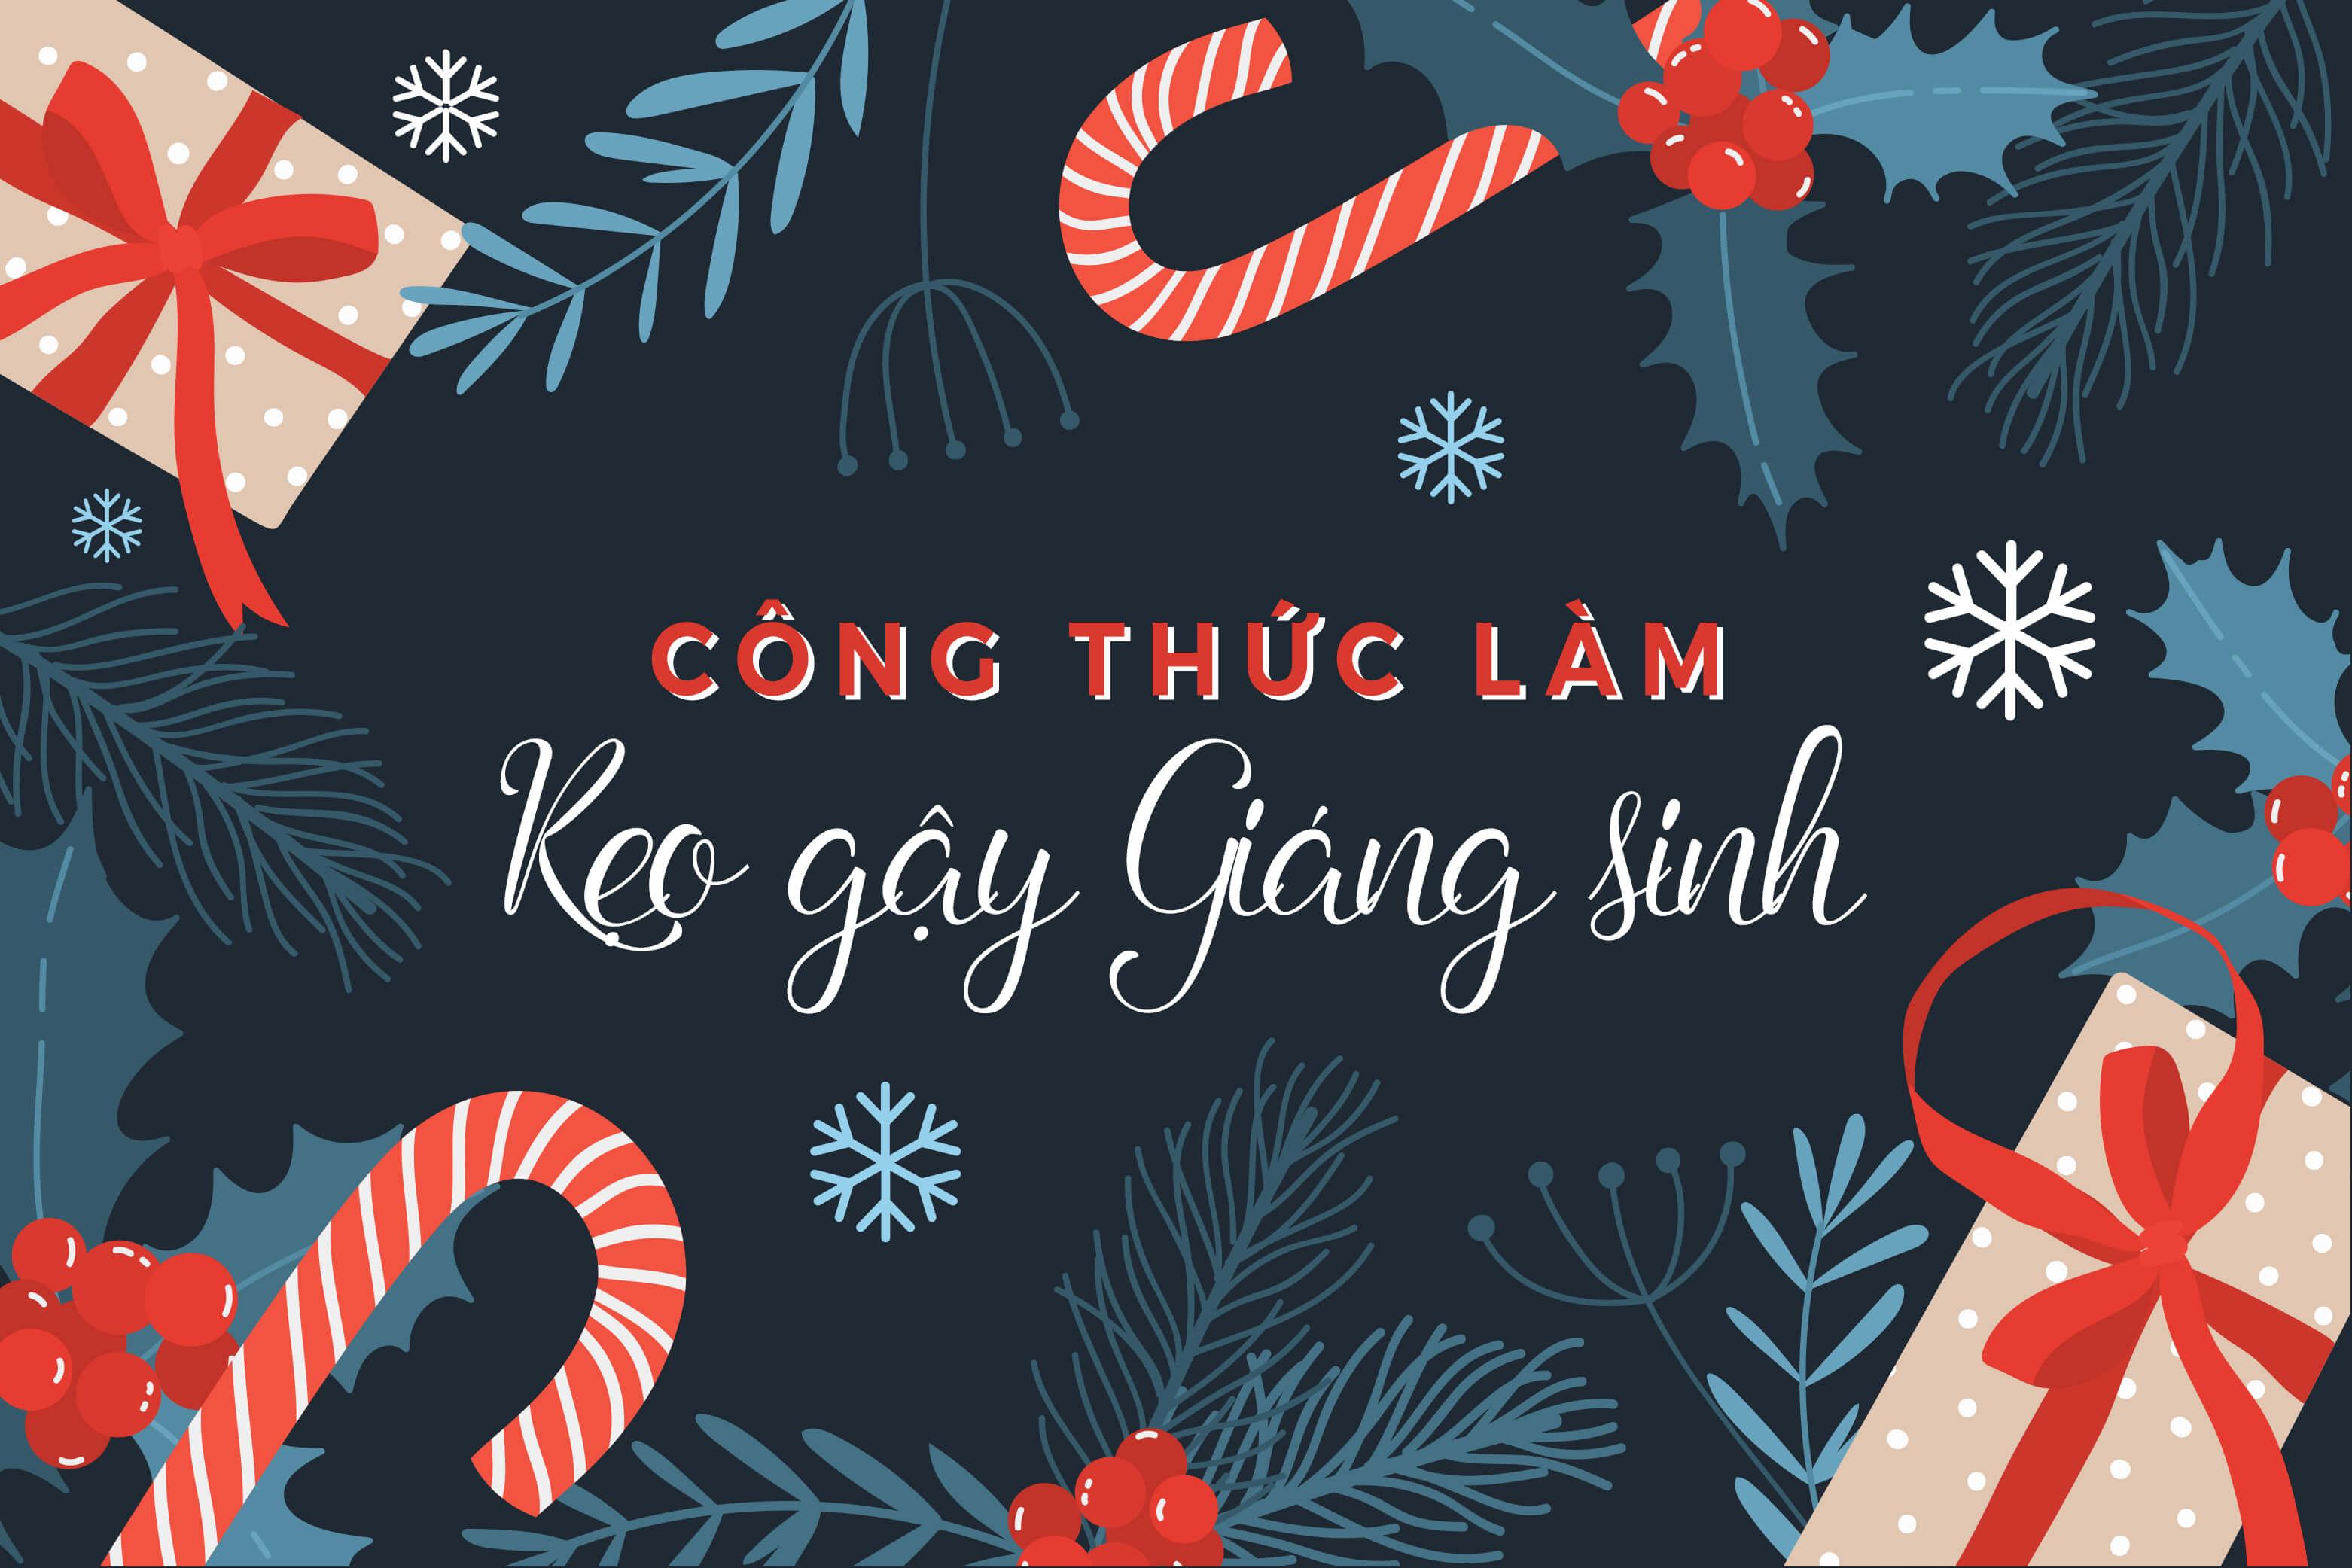 cong-thuc-keo-gay-giang-sinh